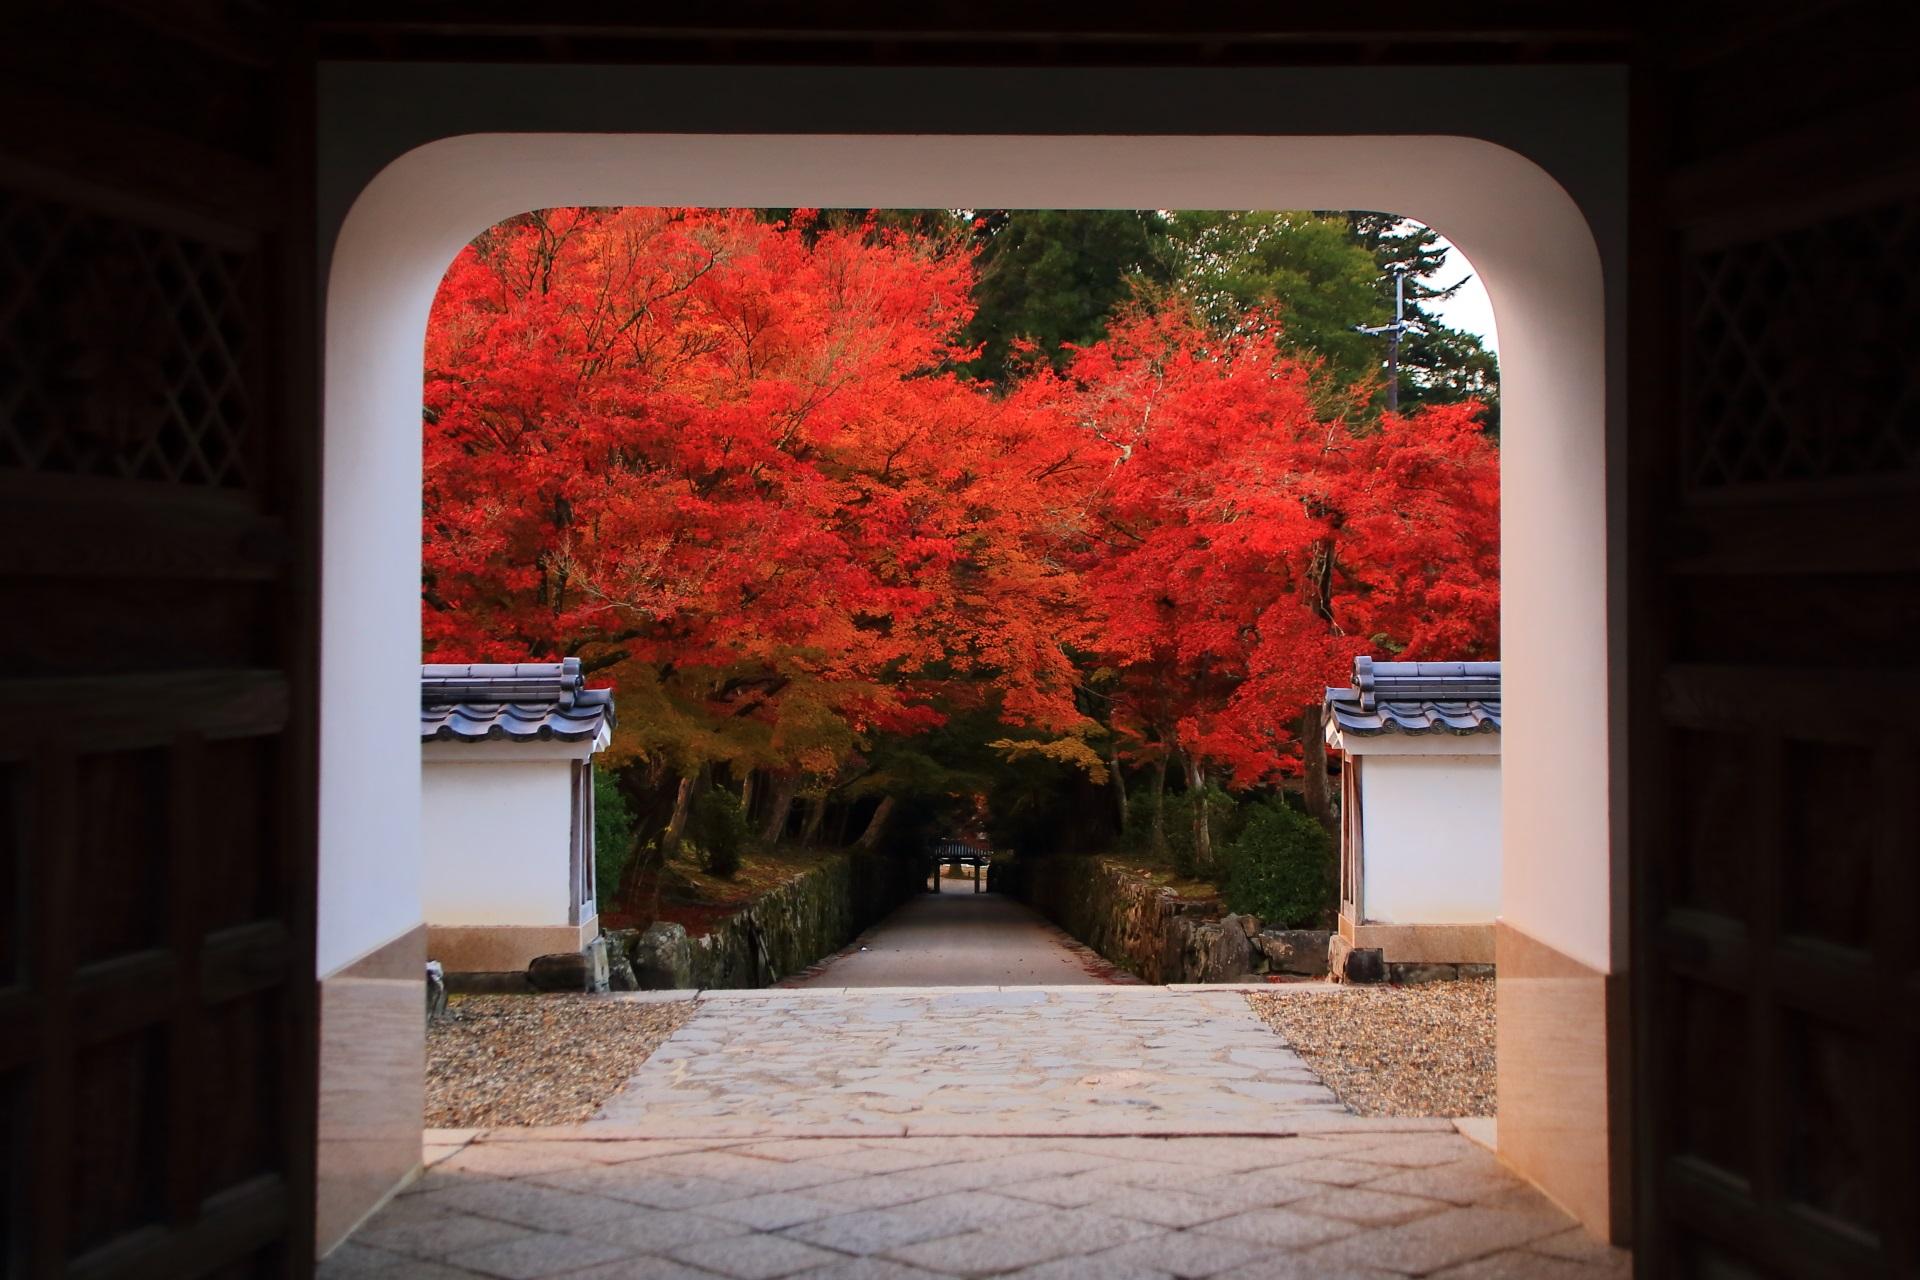 琴坂 紅葉 色とりどりの絶品のもみじと秋の興聖寺